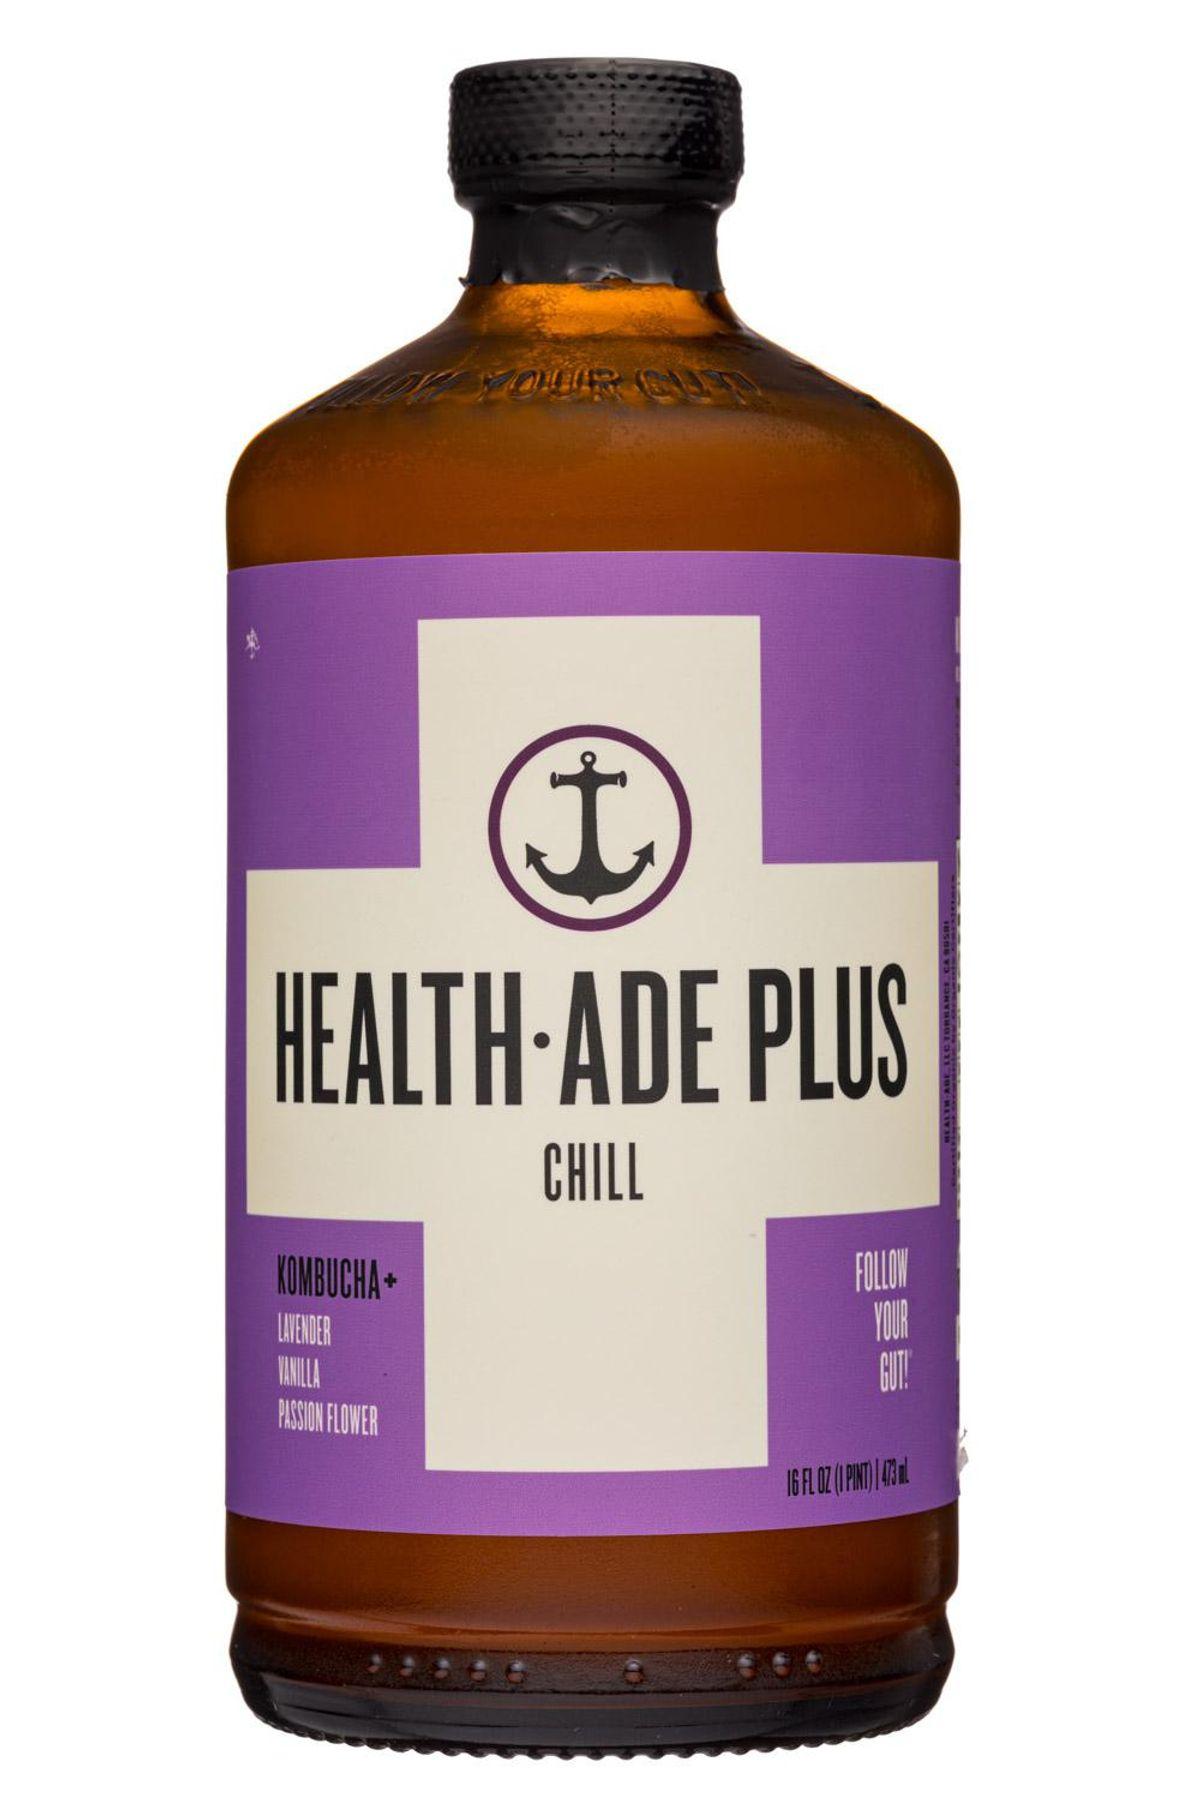 health ade plus chill